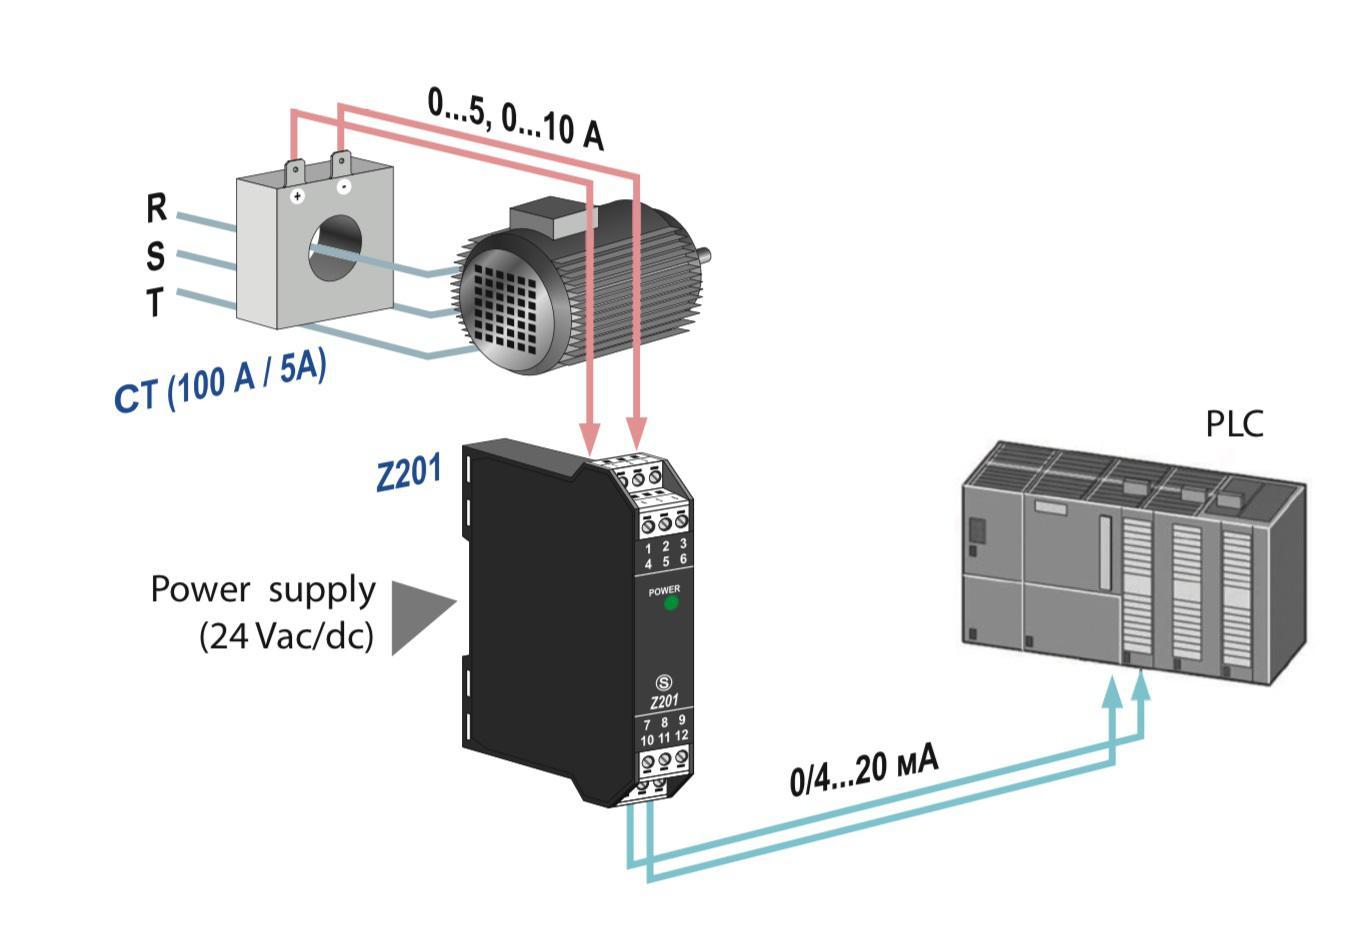 Bộ Chuyển Đổi Z201-H chuyển đổi 0-5A sang 4-20mA/0-10V